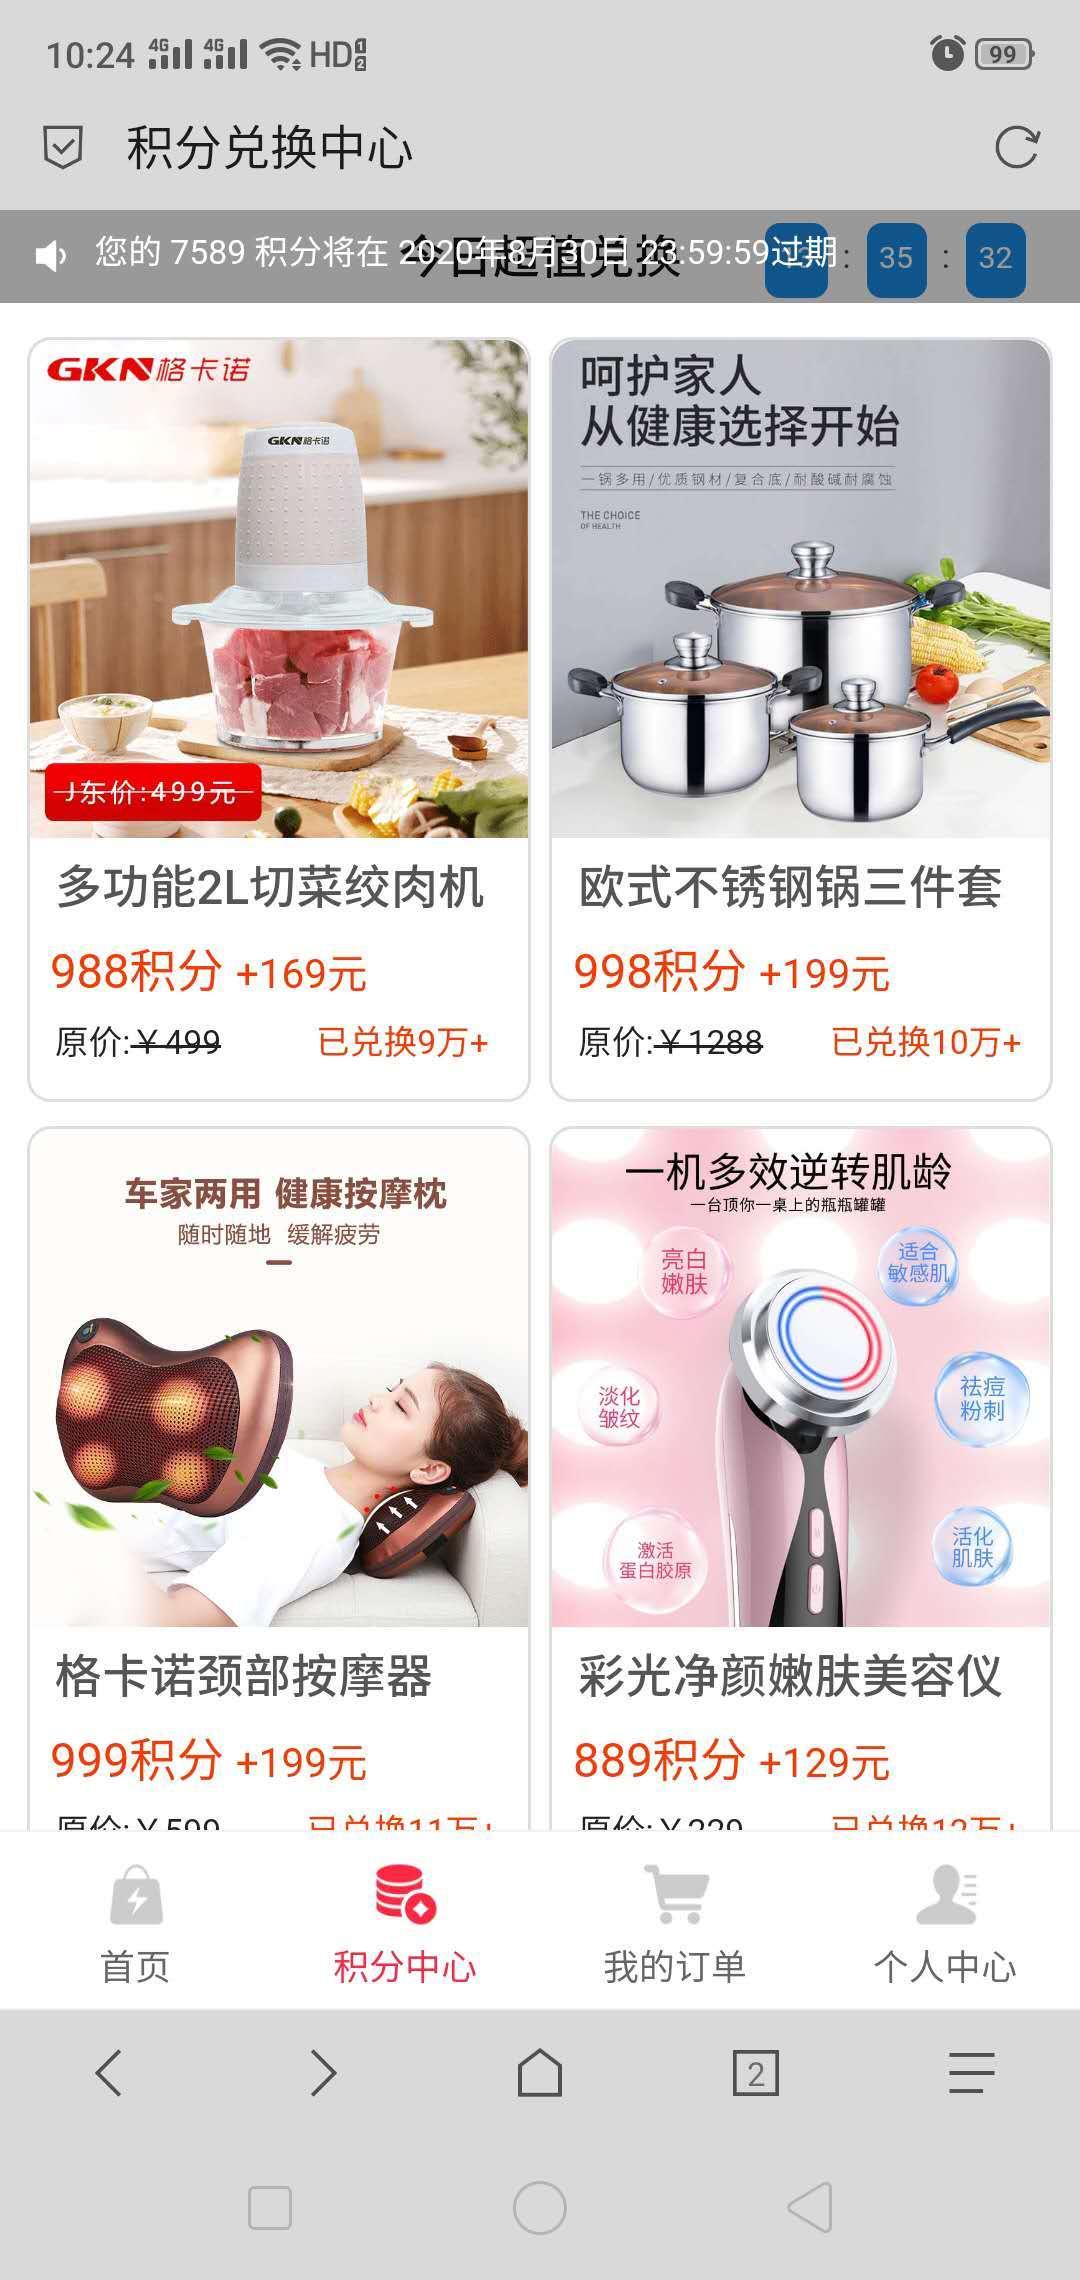 vipyouxuan.cn是骗子网站,什么积分换购买商品大家不要信图片 No.3